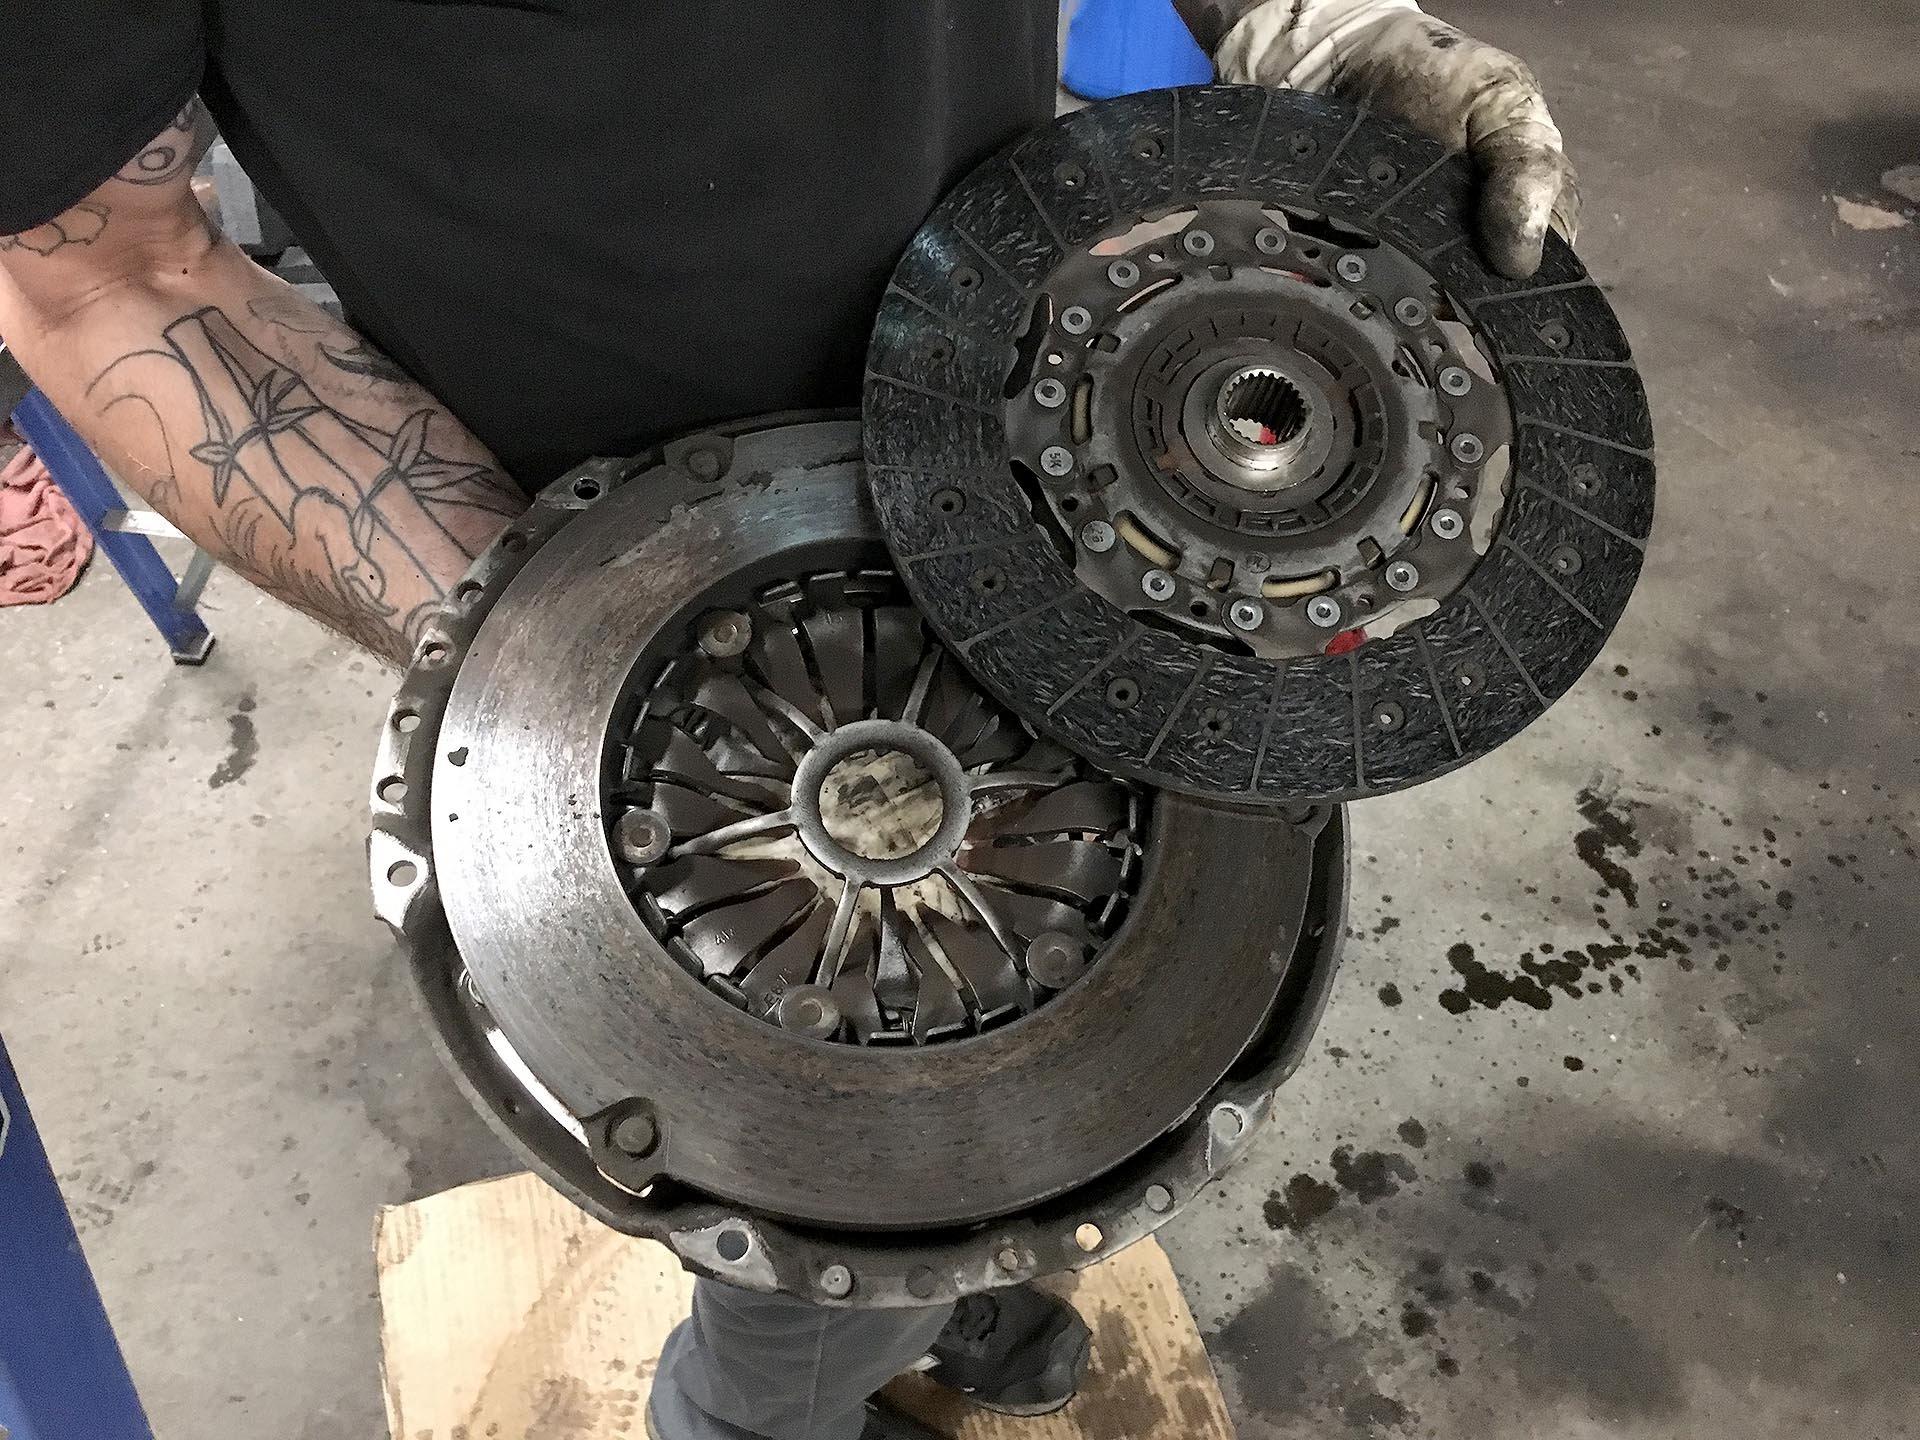 11_Worn Mk5 GTI clutch disc and pressure plate